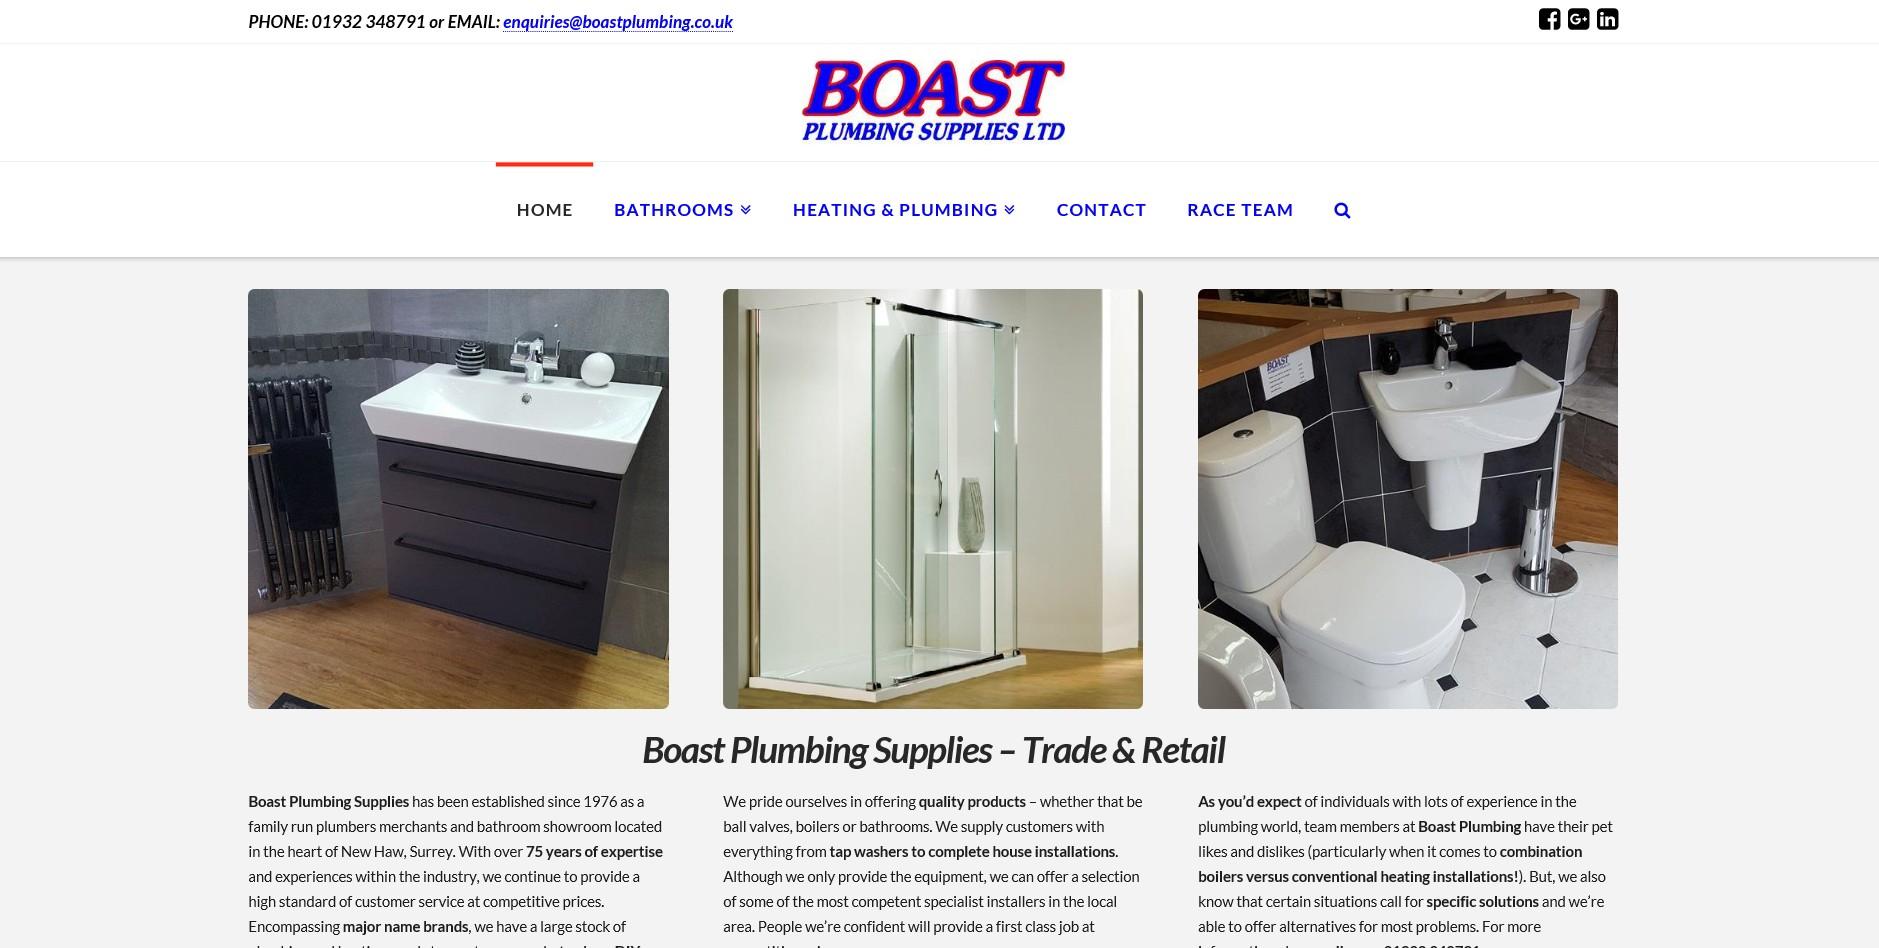 Website for Boast Plumbing